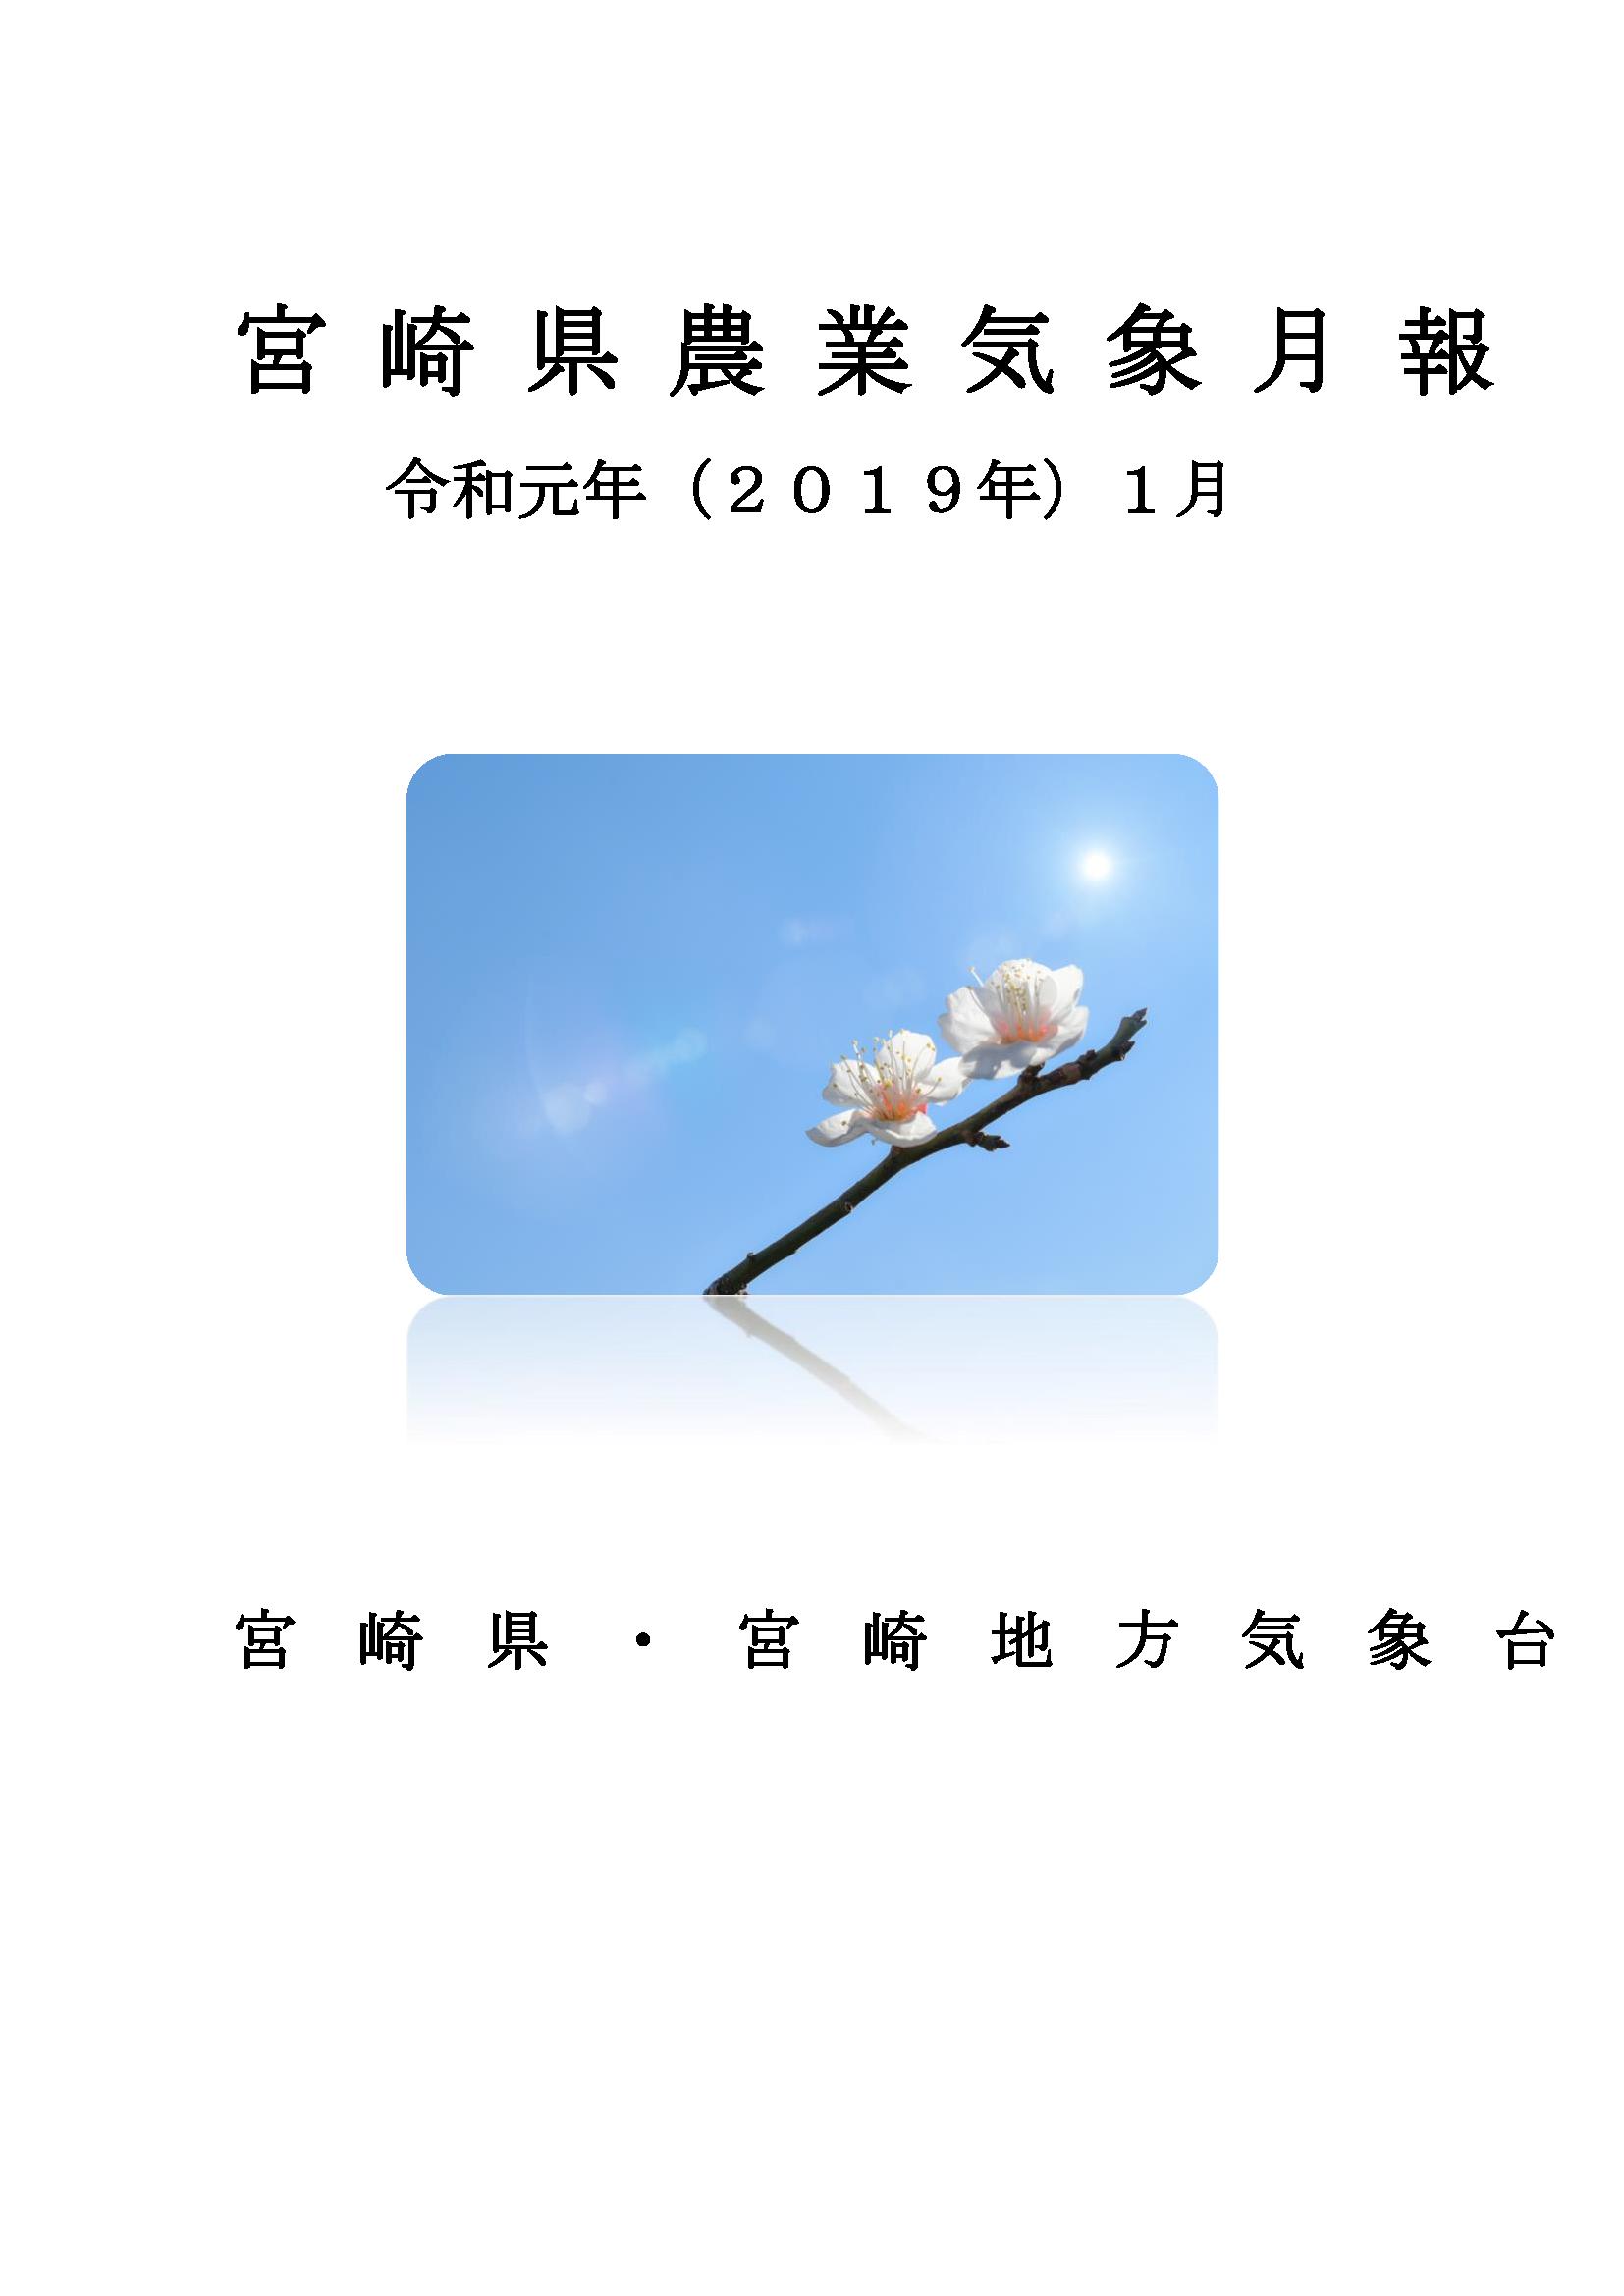 令和2年1月農業気象月報PDF